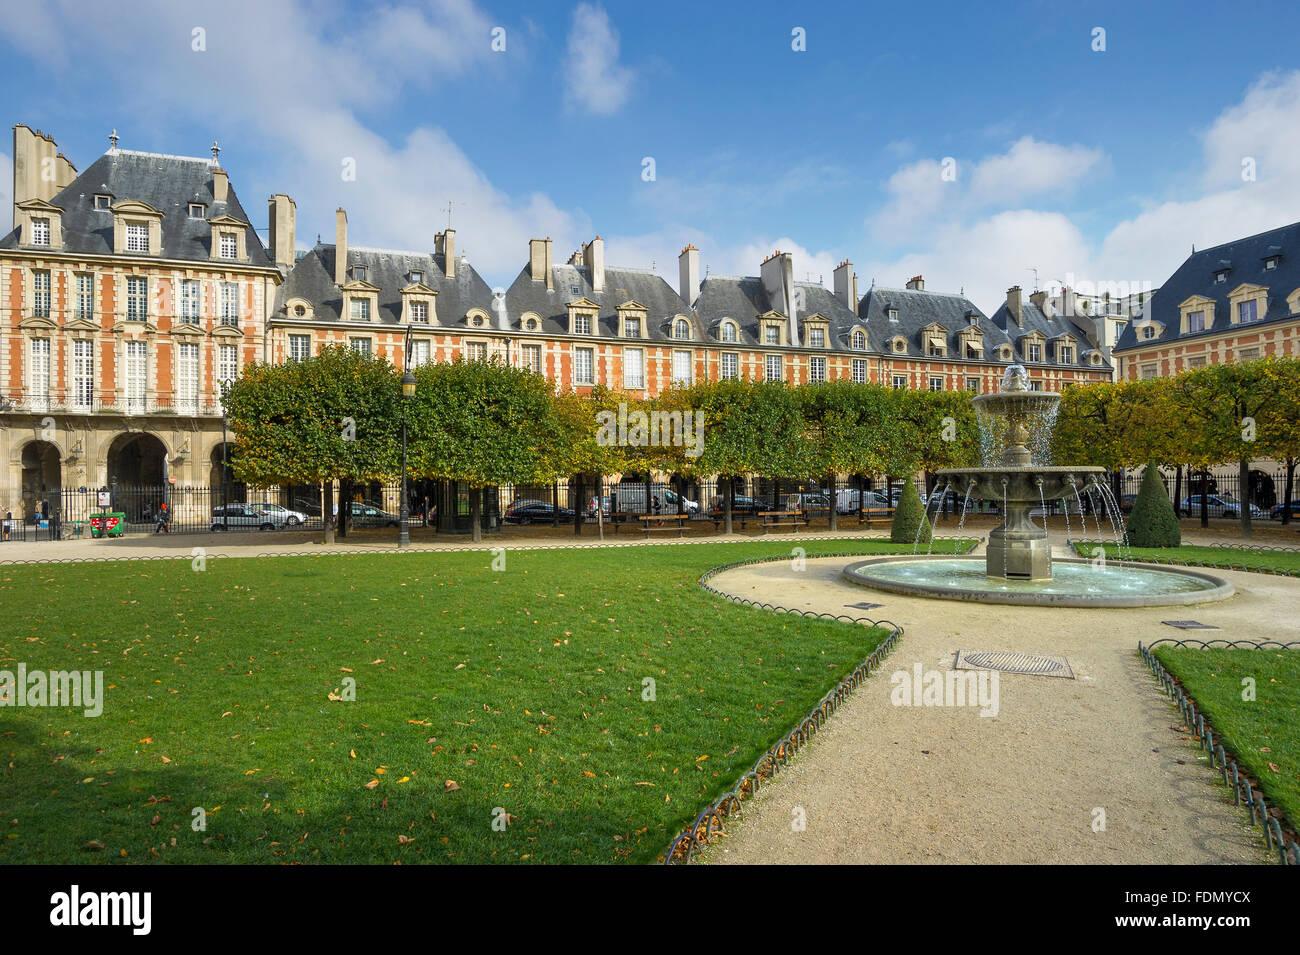 Place des Vosges, Marais, Paris, France - Stock Image